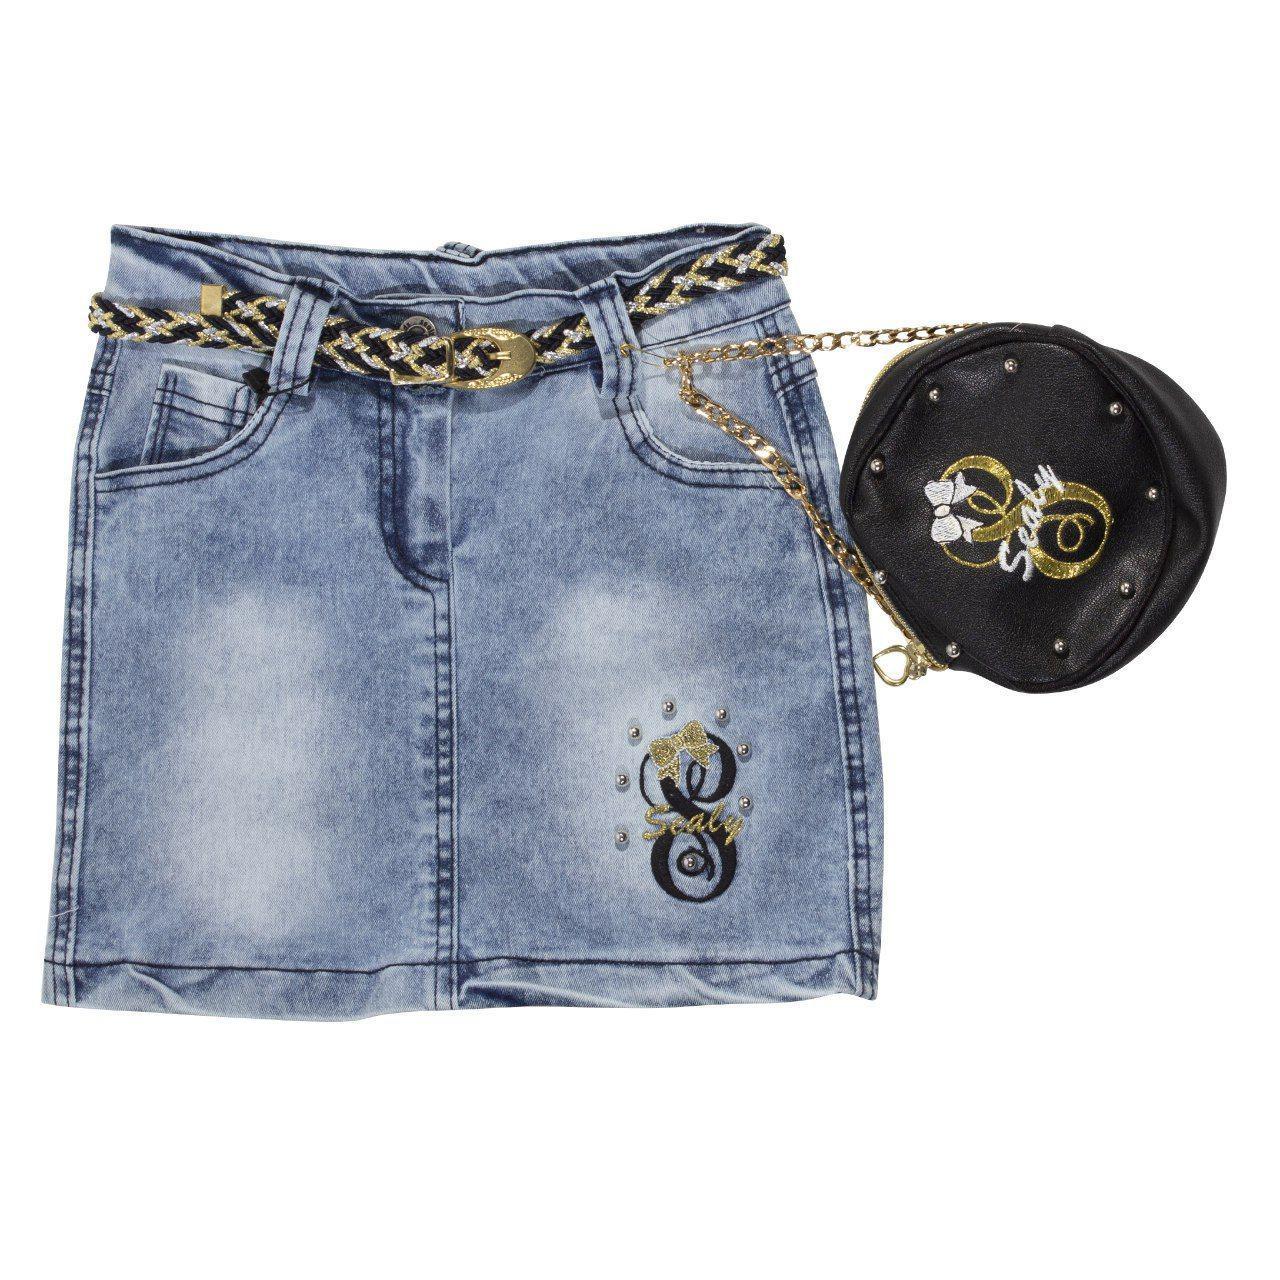 Джинсовая юбка для девочки, размеры 6, 7, 8 лет